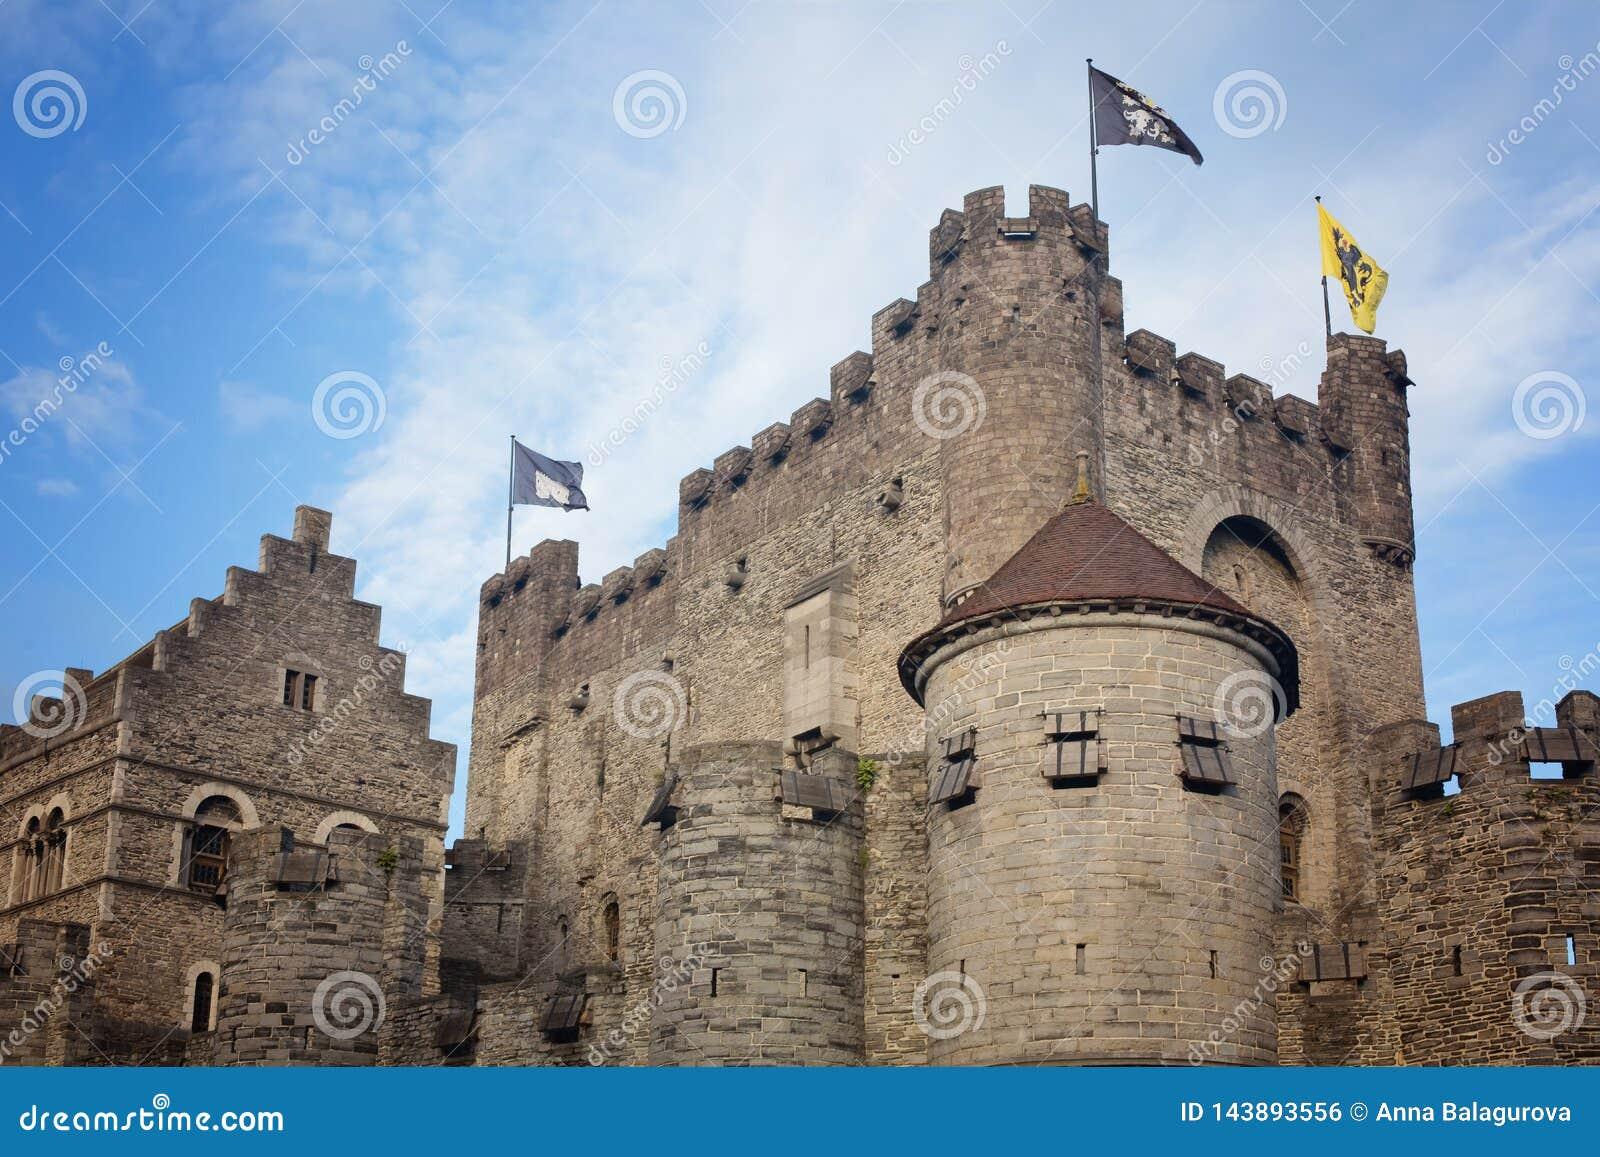 Castillo de las cuentas en Gante en Bélgica